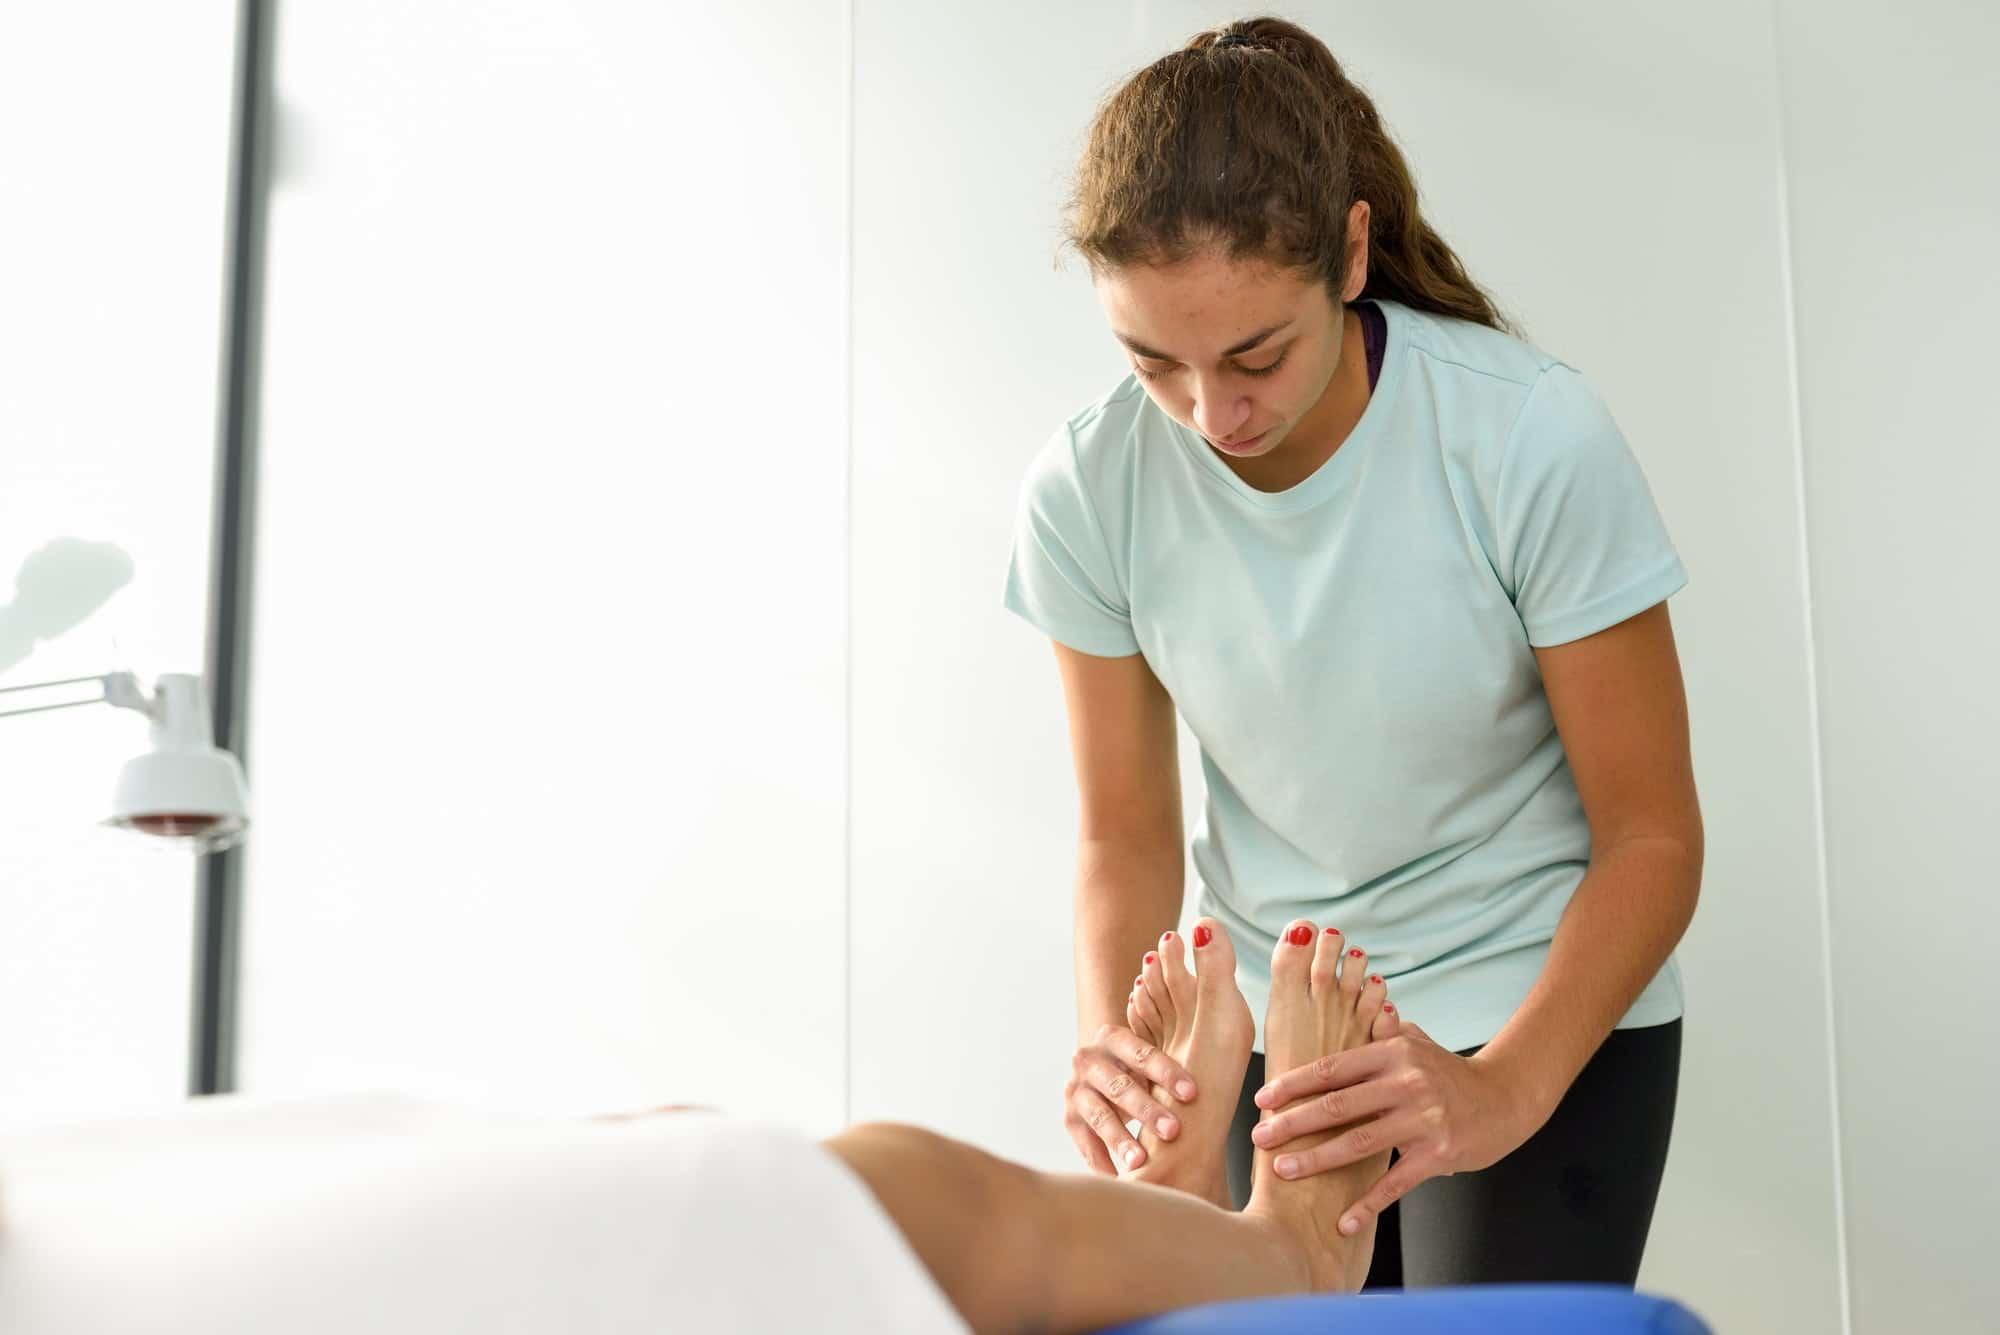 Ein kompletter Leitfaden für die Fußreflexzonen-Selbstmassage - DIY Fußreflexzonenmassage